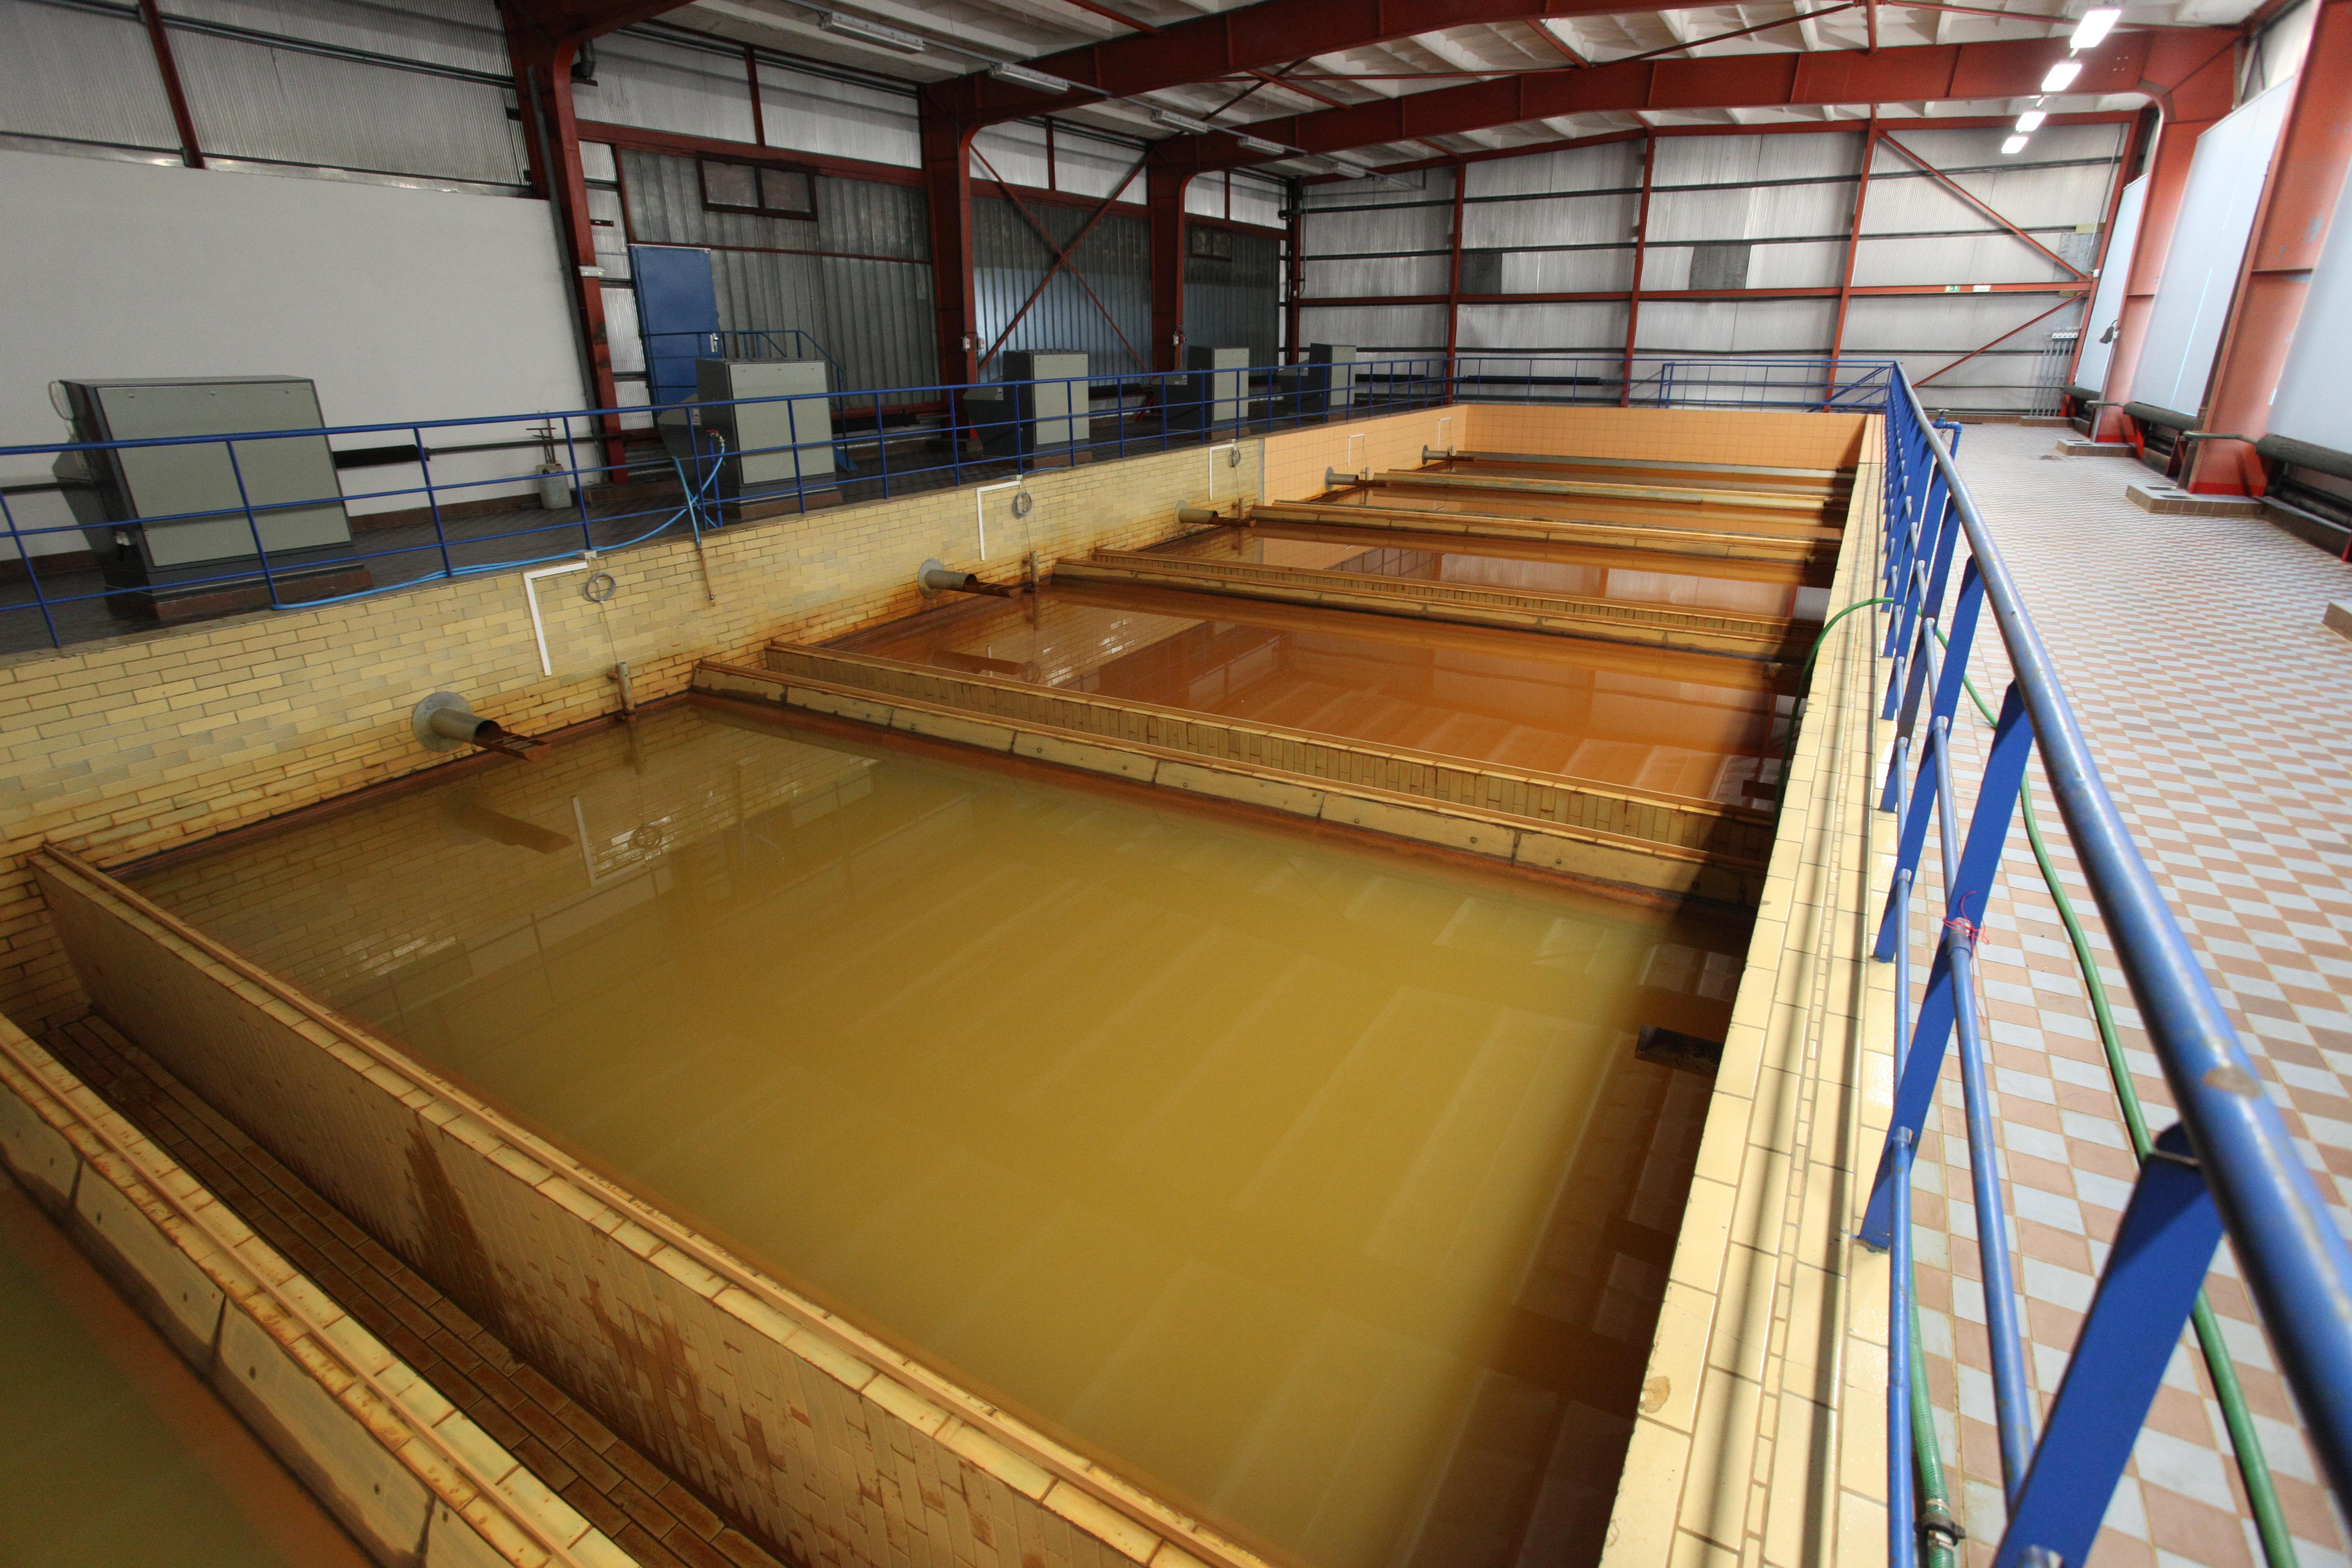 Estaci n de tratamiento de agua potable wikiwand - Tratamiento del agua ...